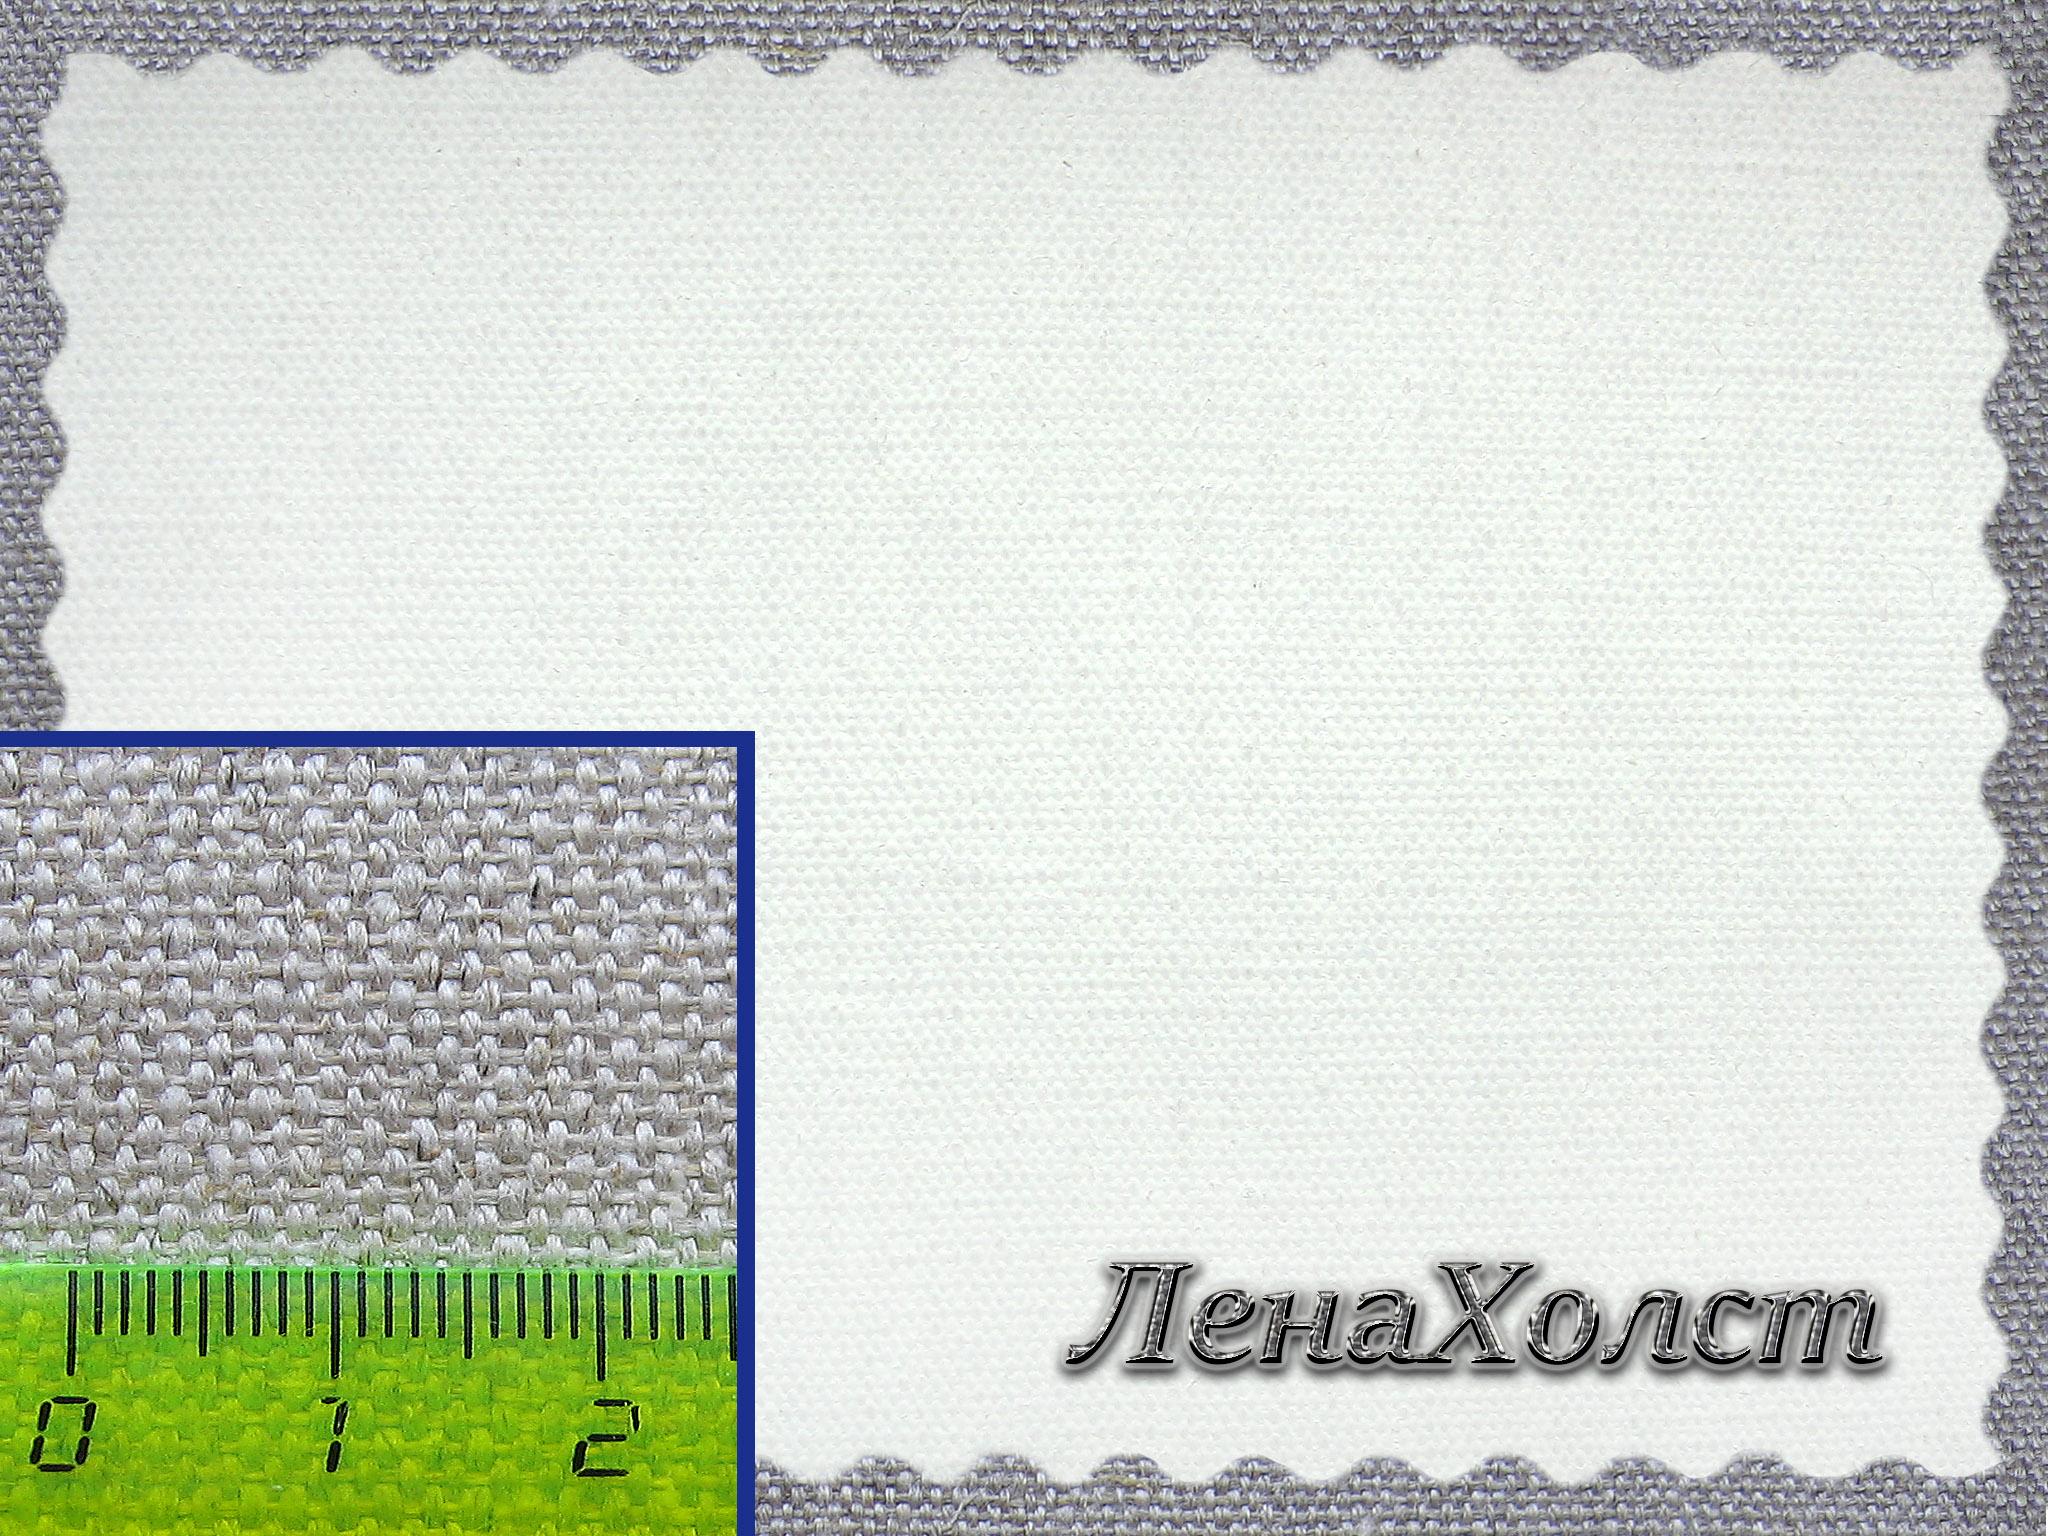 Грунтованный крупнозернистый холст из 100% льна ЛЕНАХОЛСТ 410